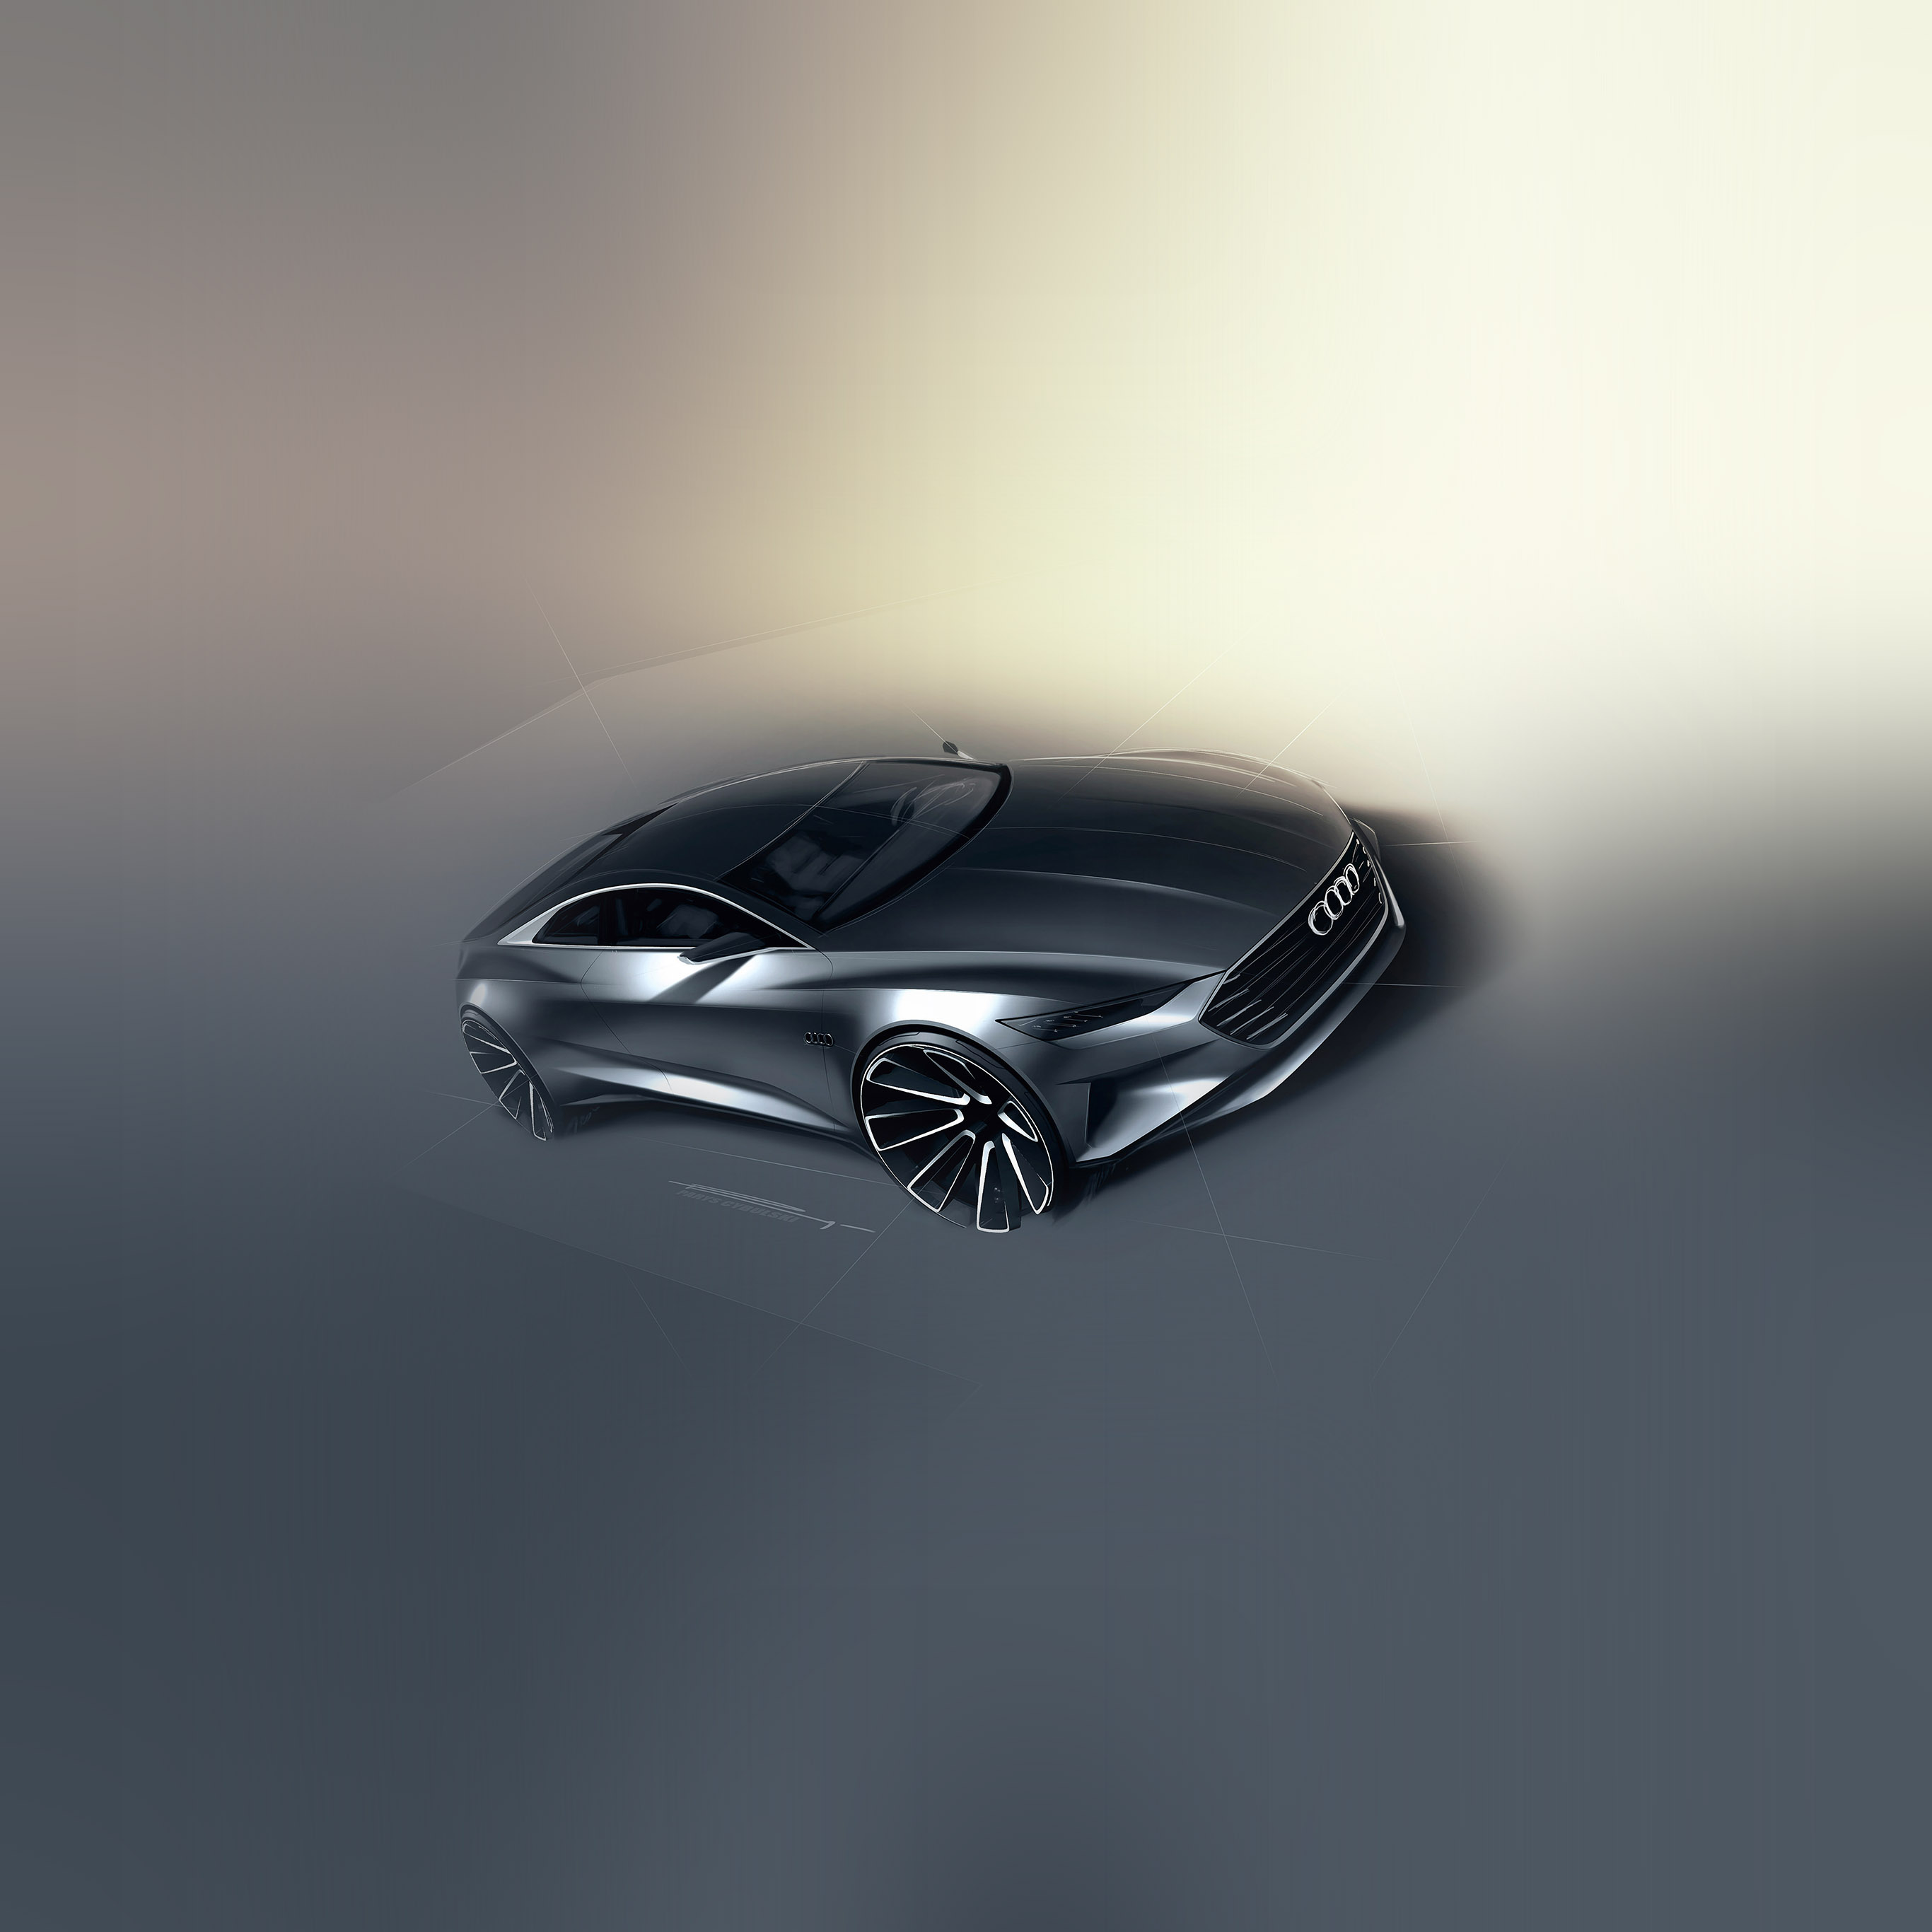 Av14-audi-concept-car